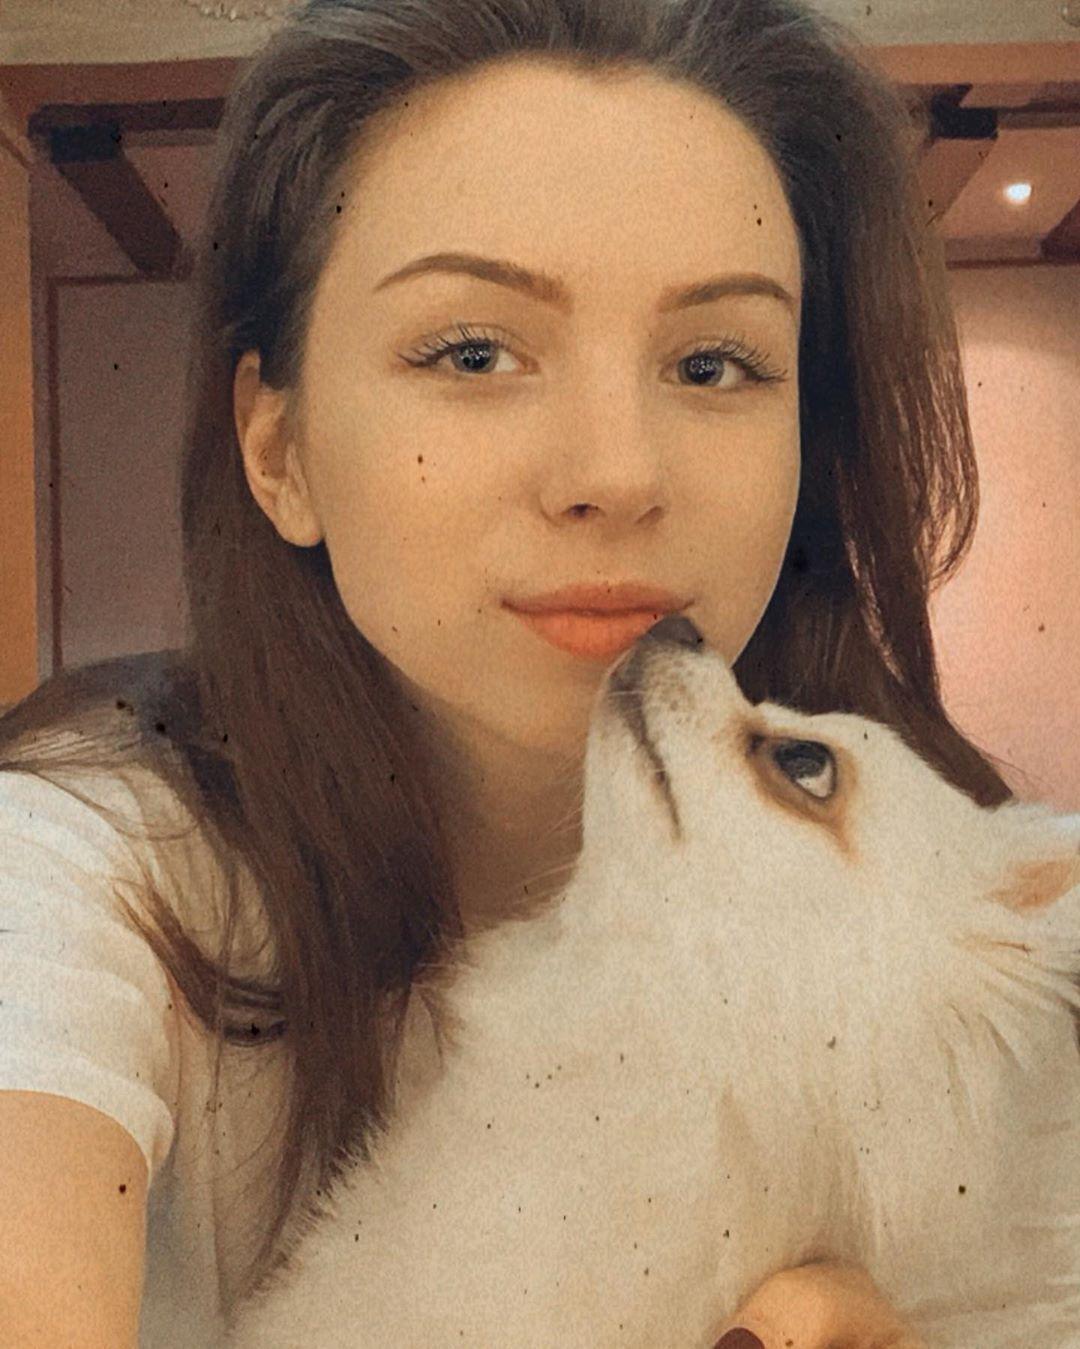 Зинченко получила отказ на эвакуацию из Уханя вместе с собакой